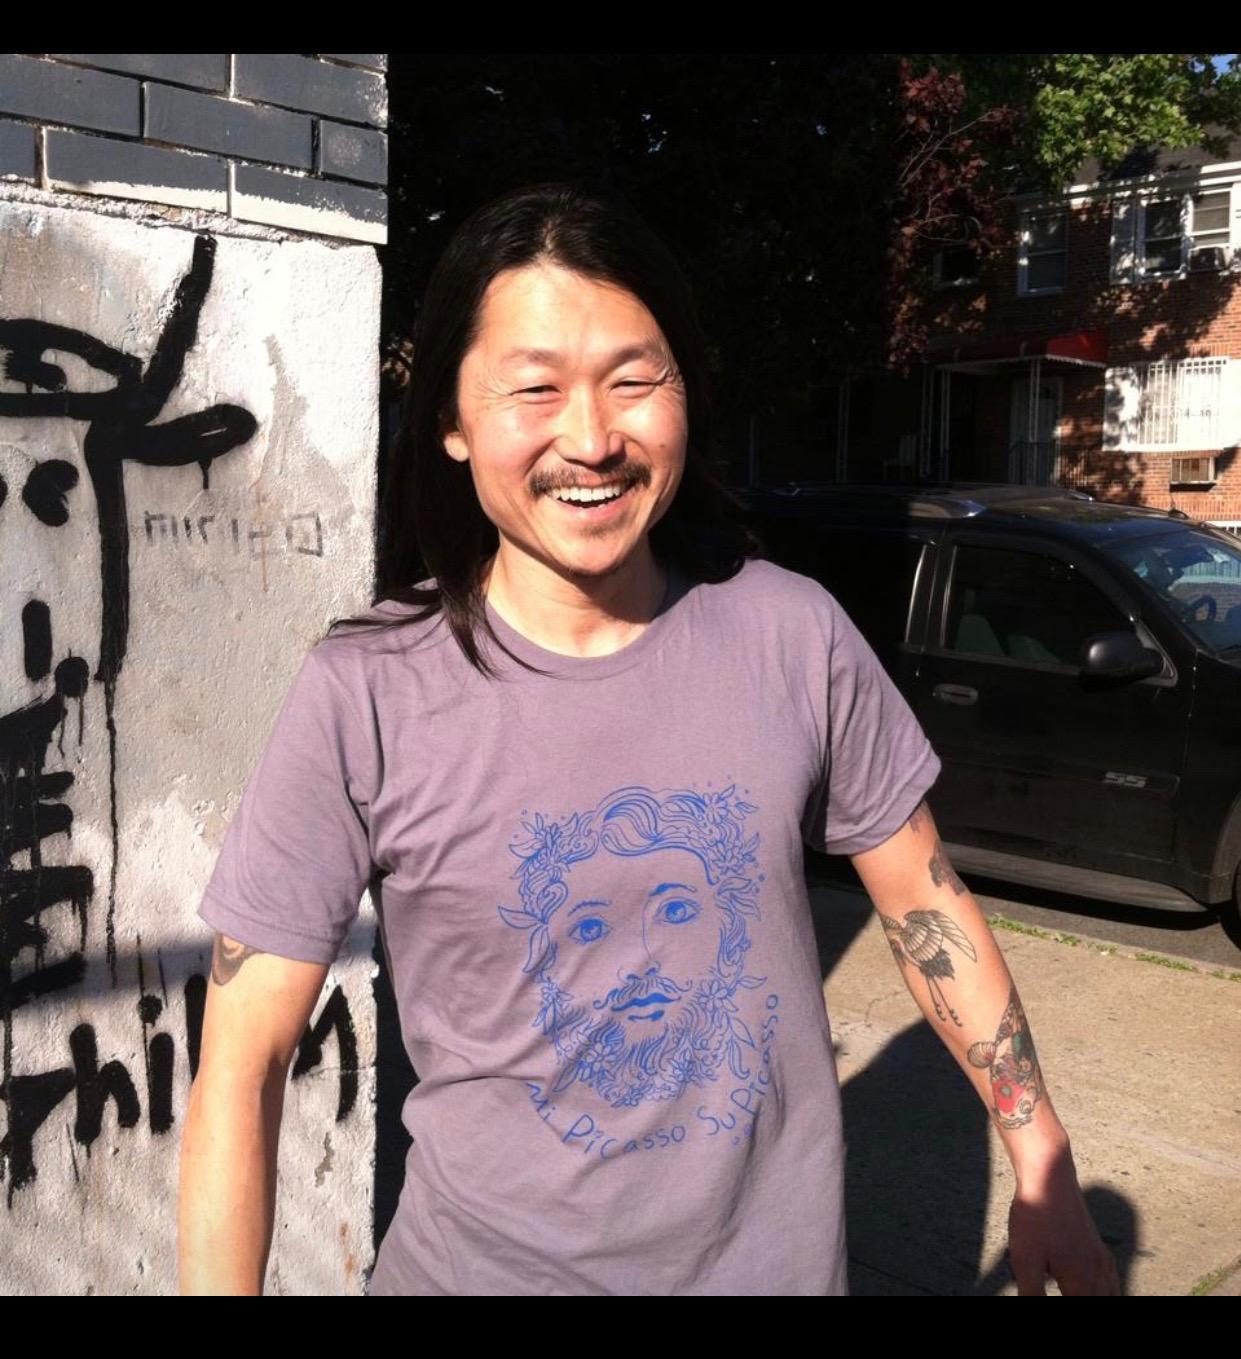 Mi Picasso on Tshirt.jpg